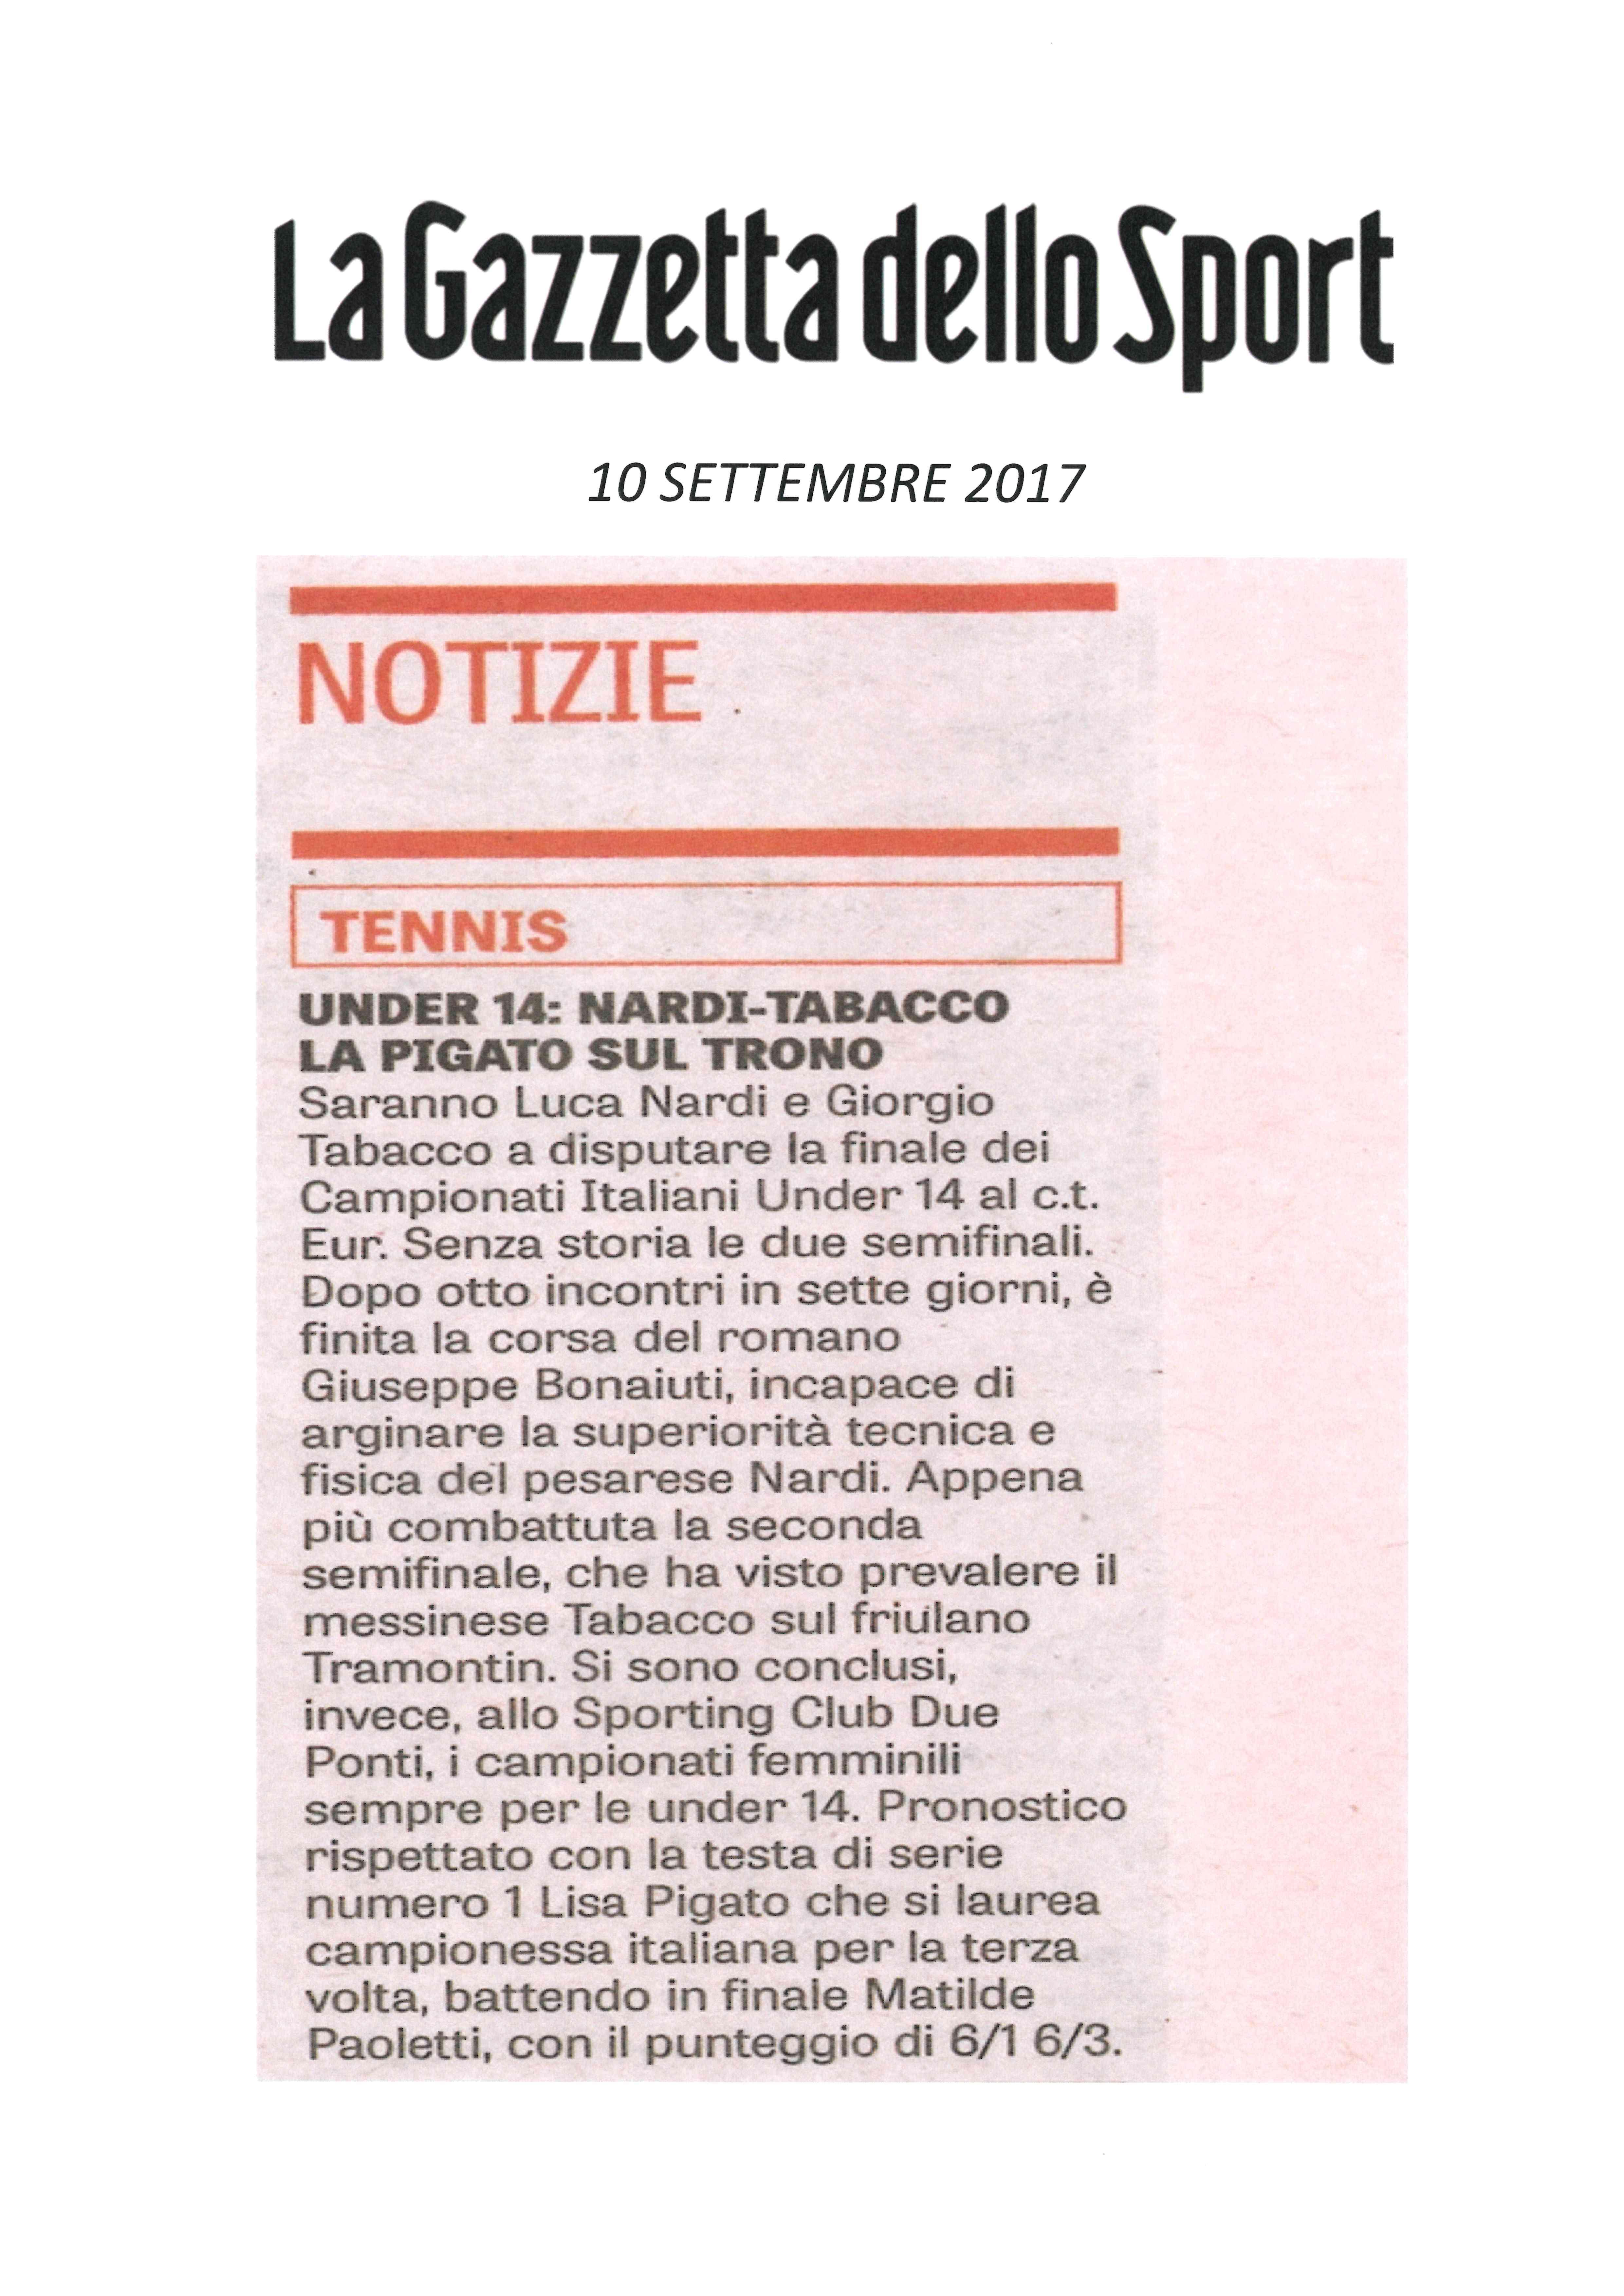 LA GAZZETTA DELLO SPORT 10 settembre 2017